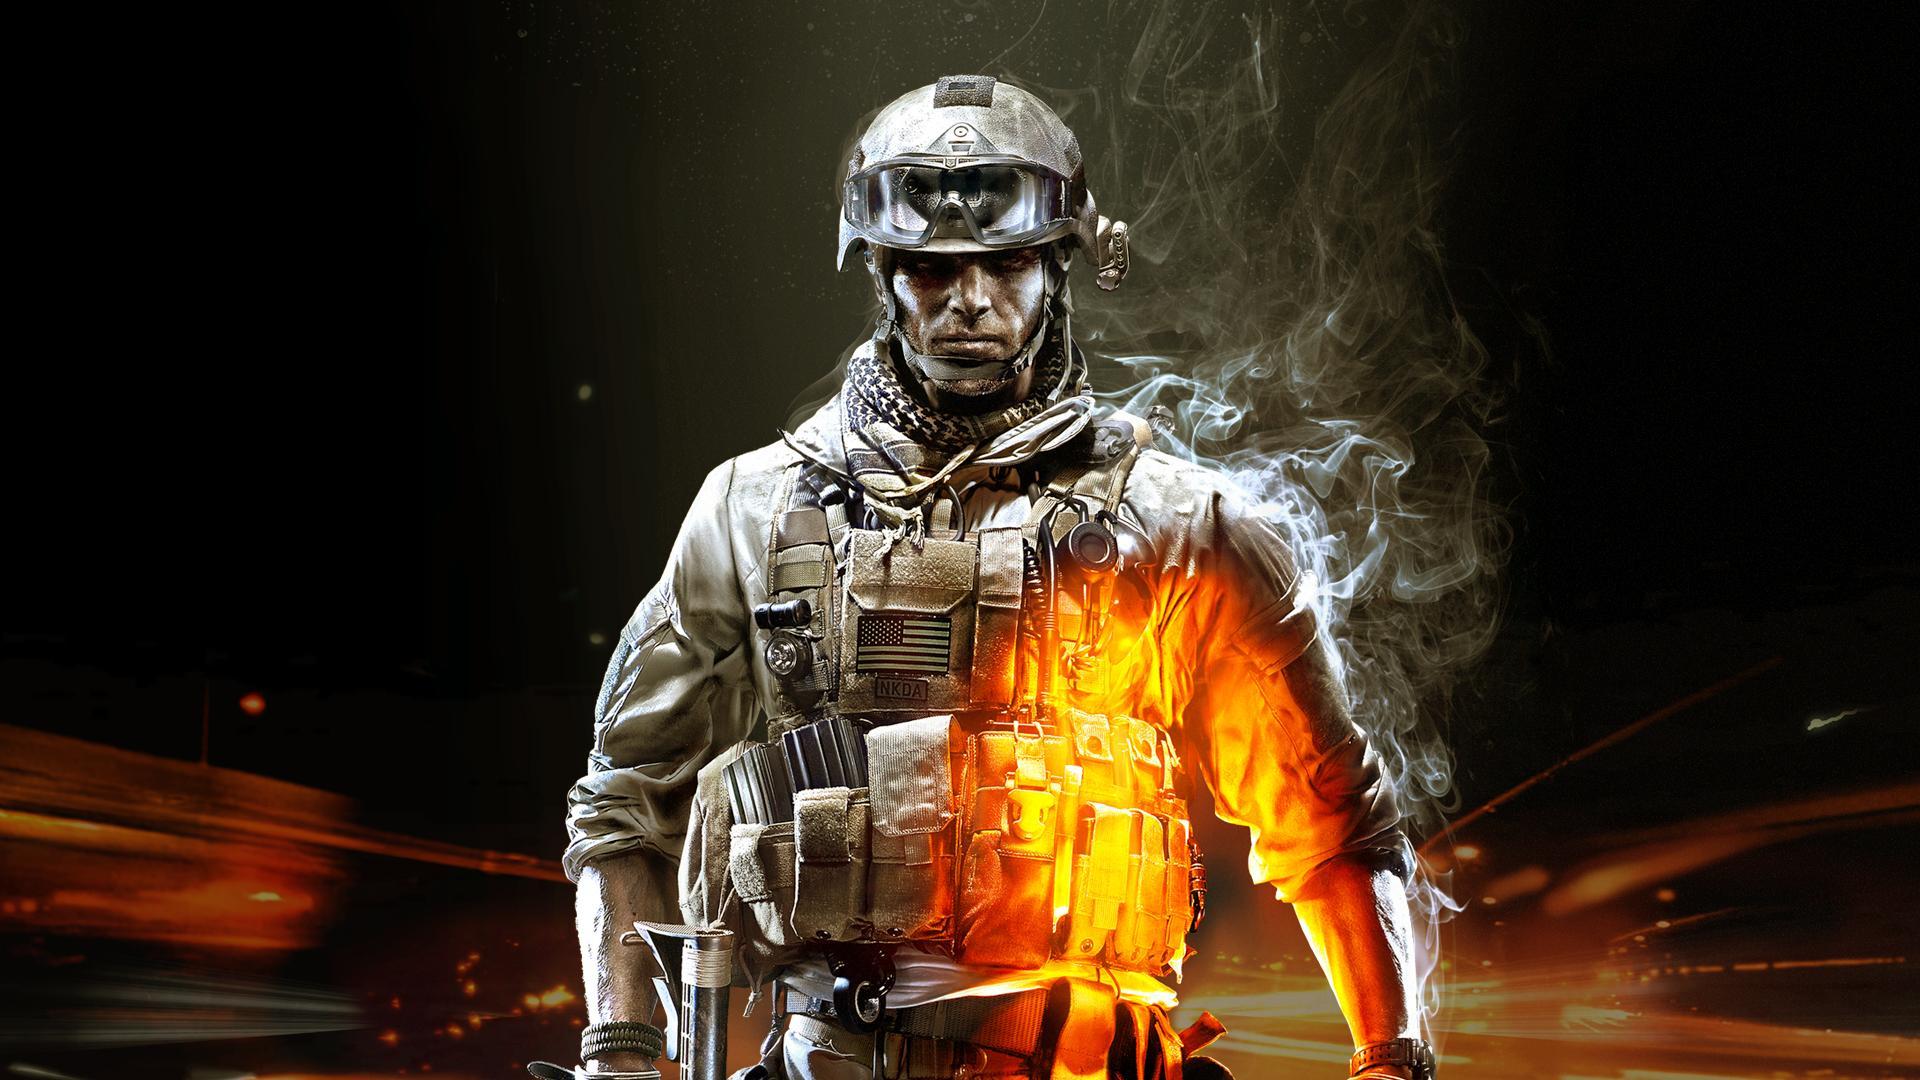 Battlefield 1 4k Ultra Tapeta Hd: Tapety Battlefield 3 HD » Tapety Gry HD